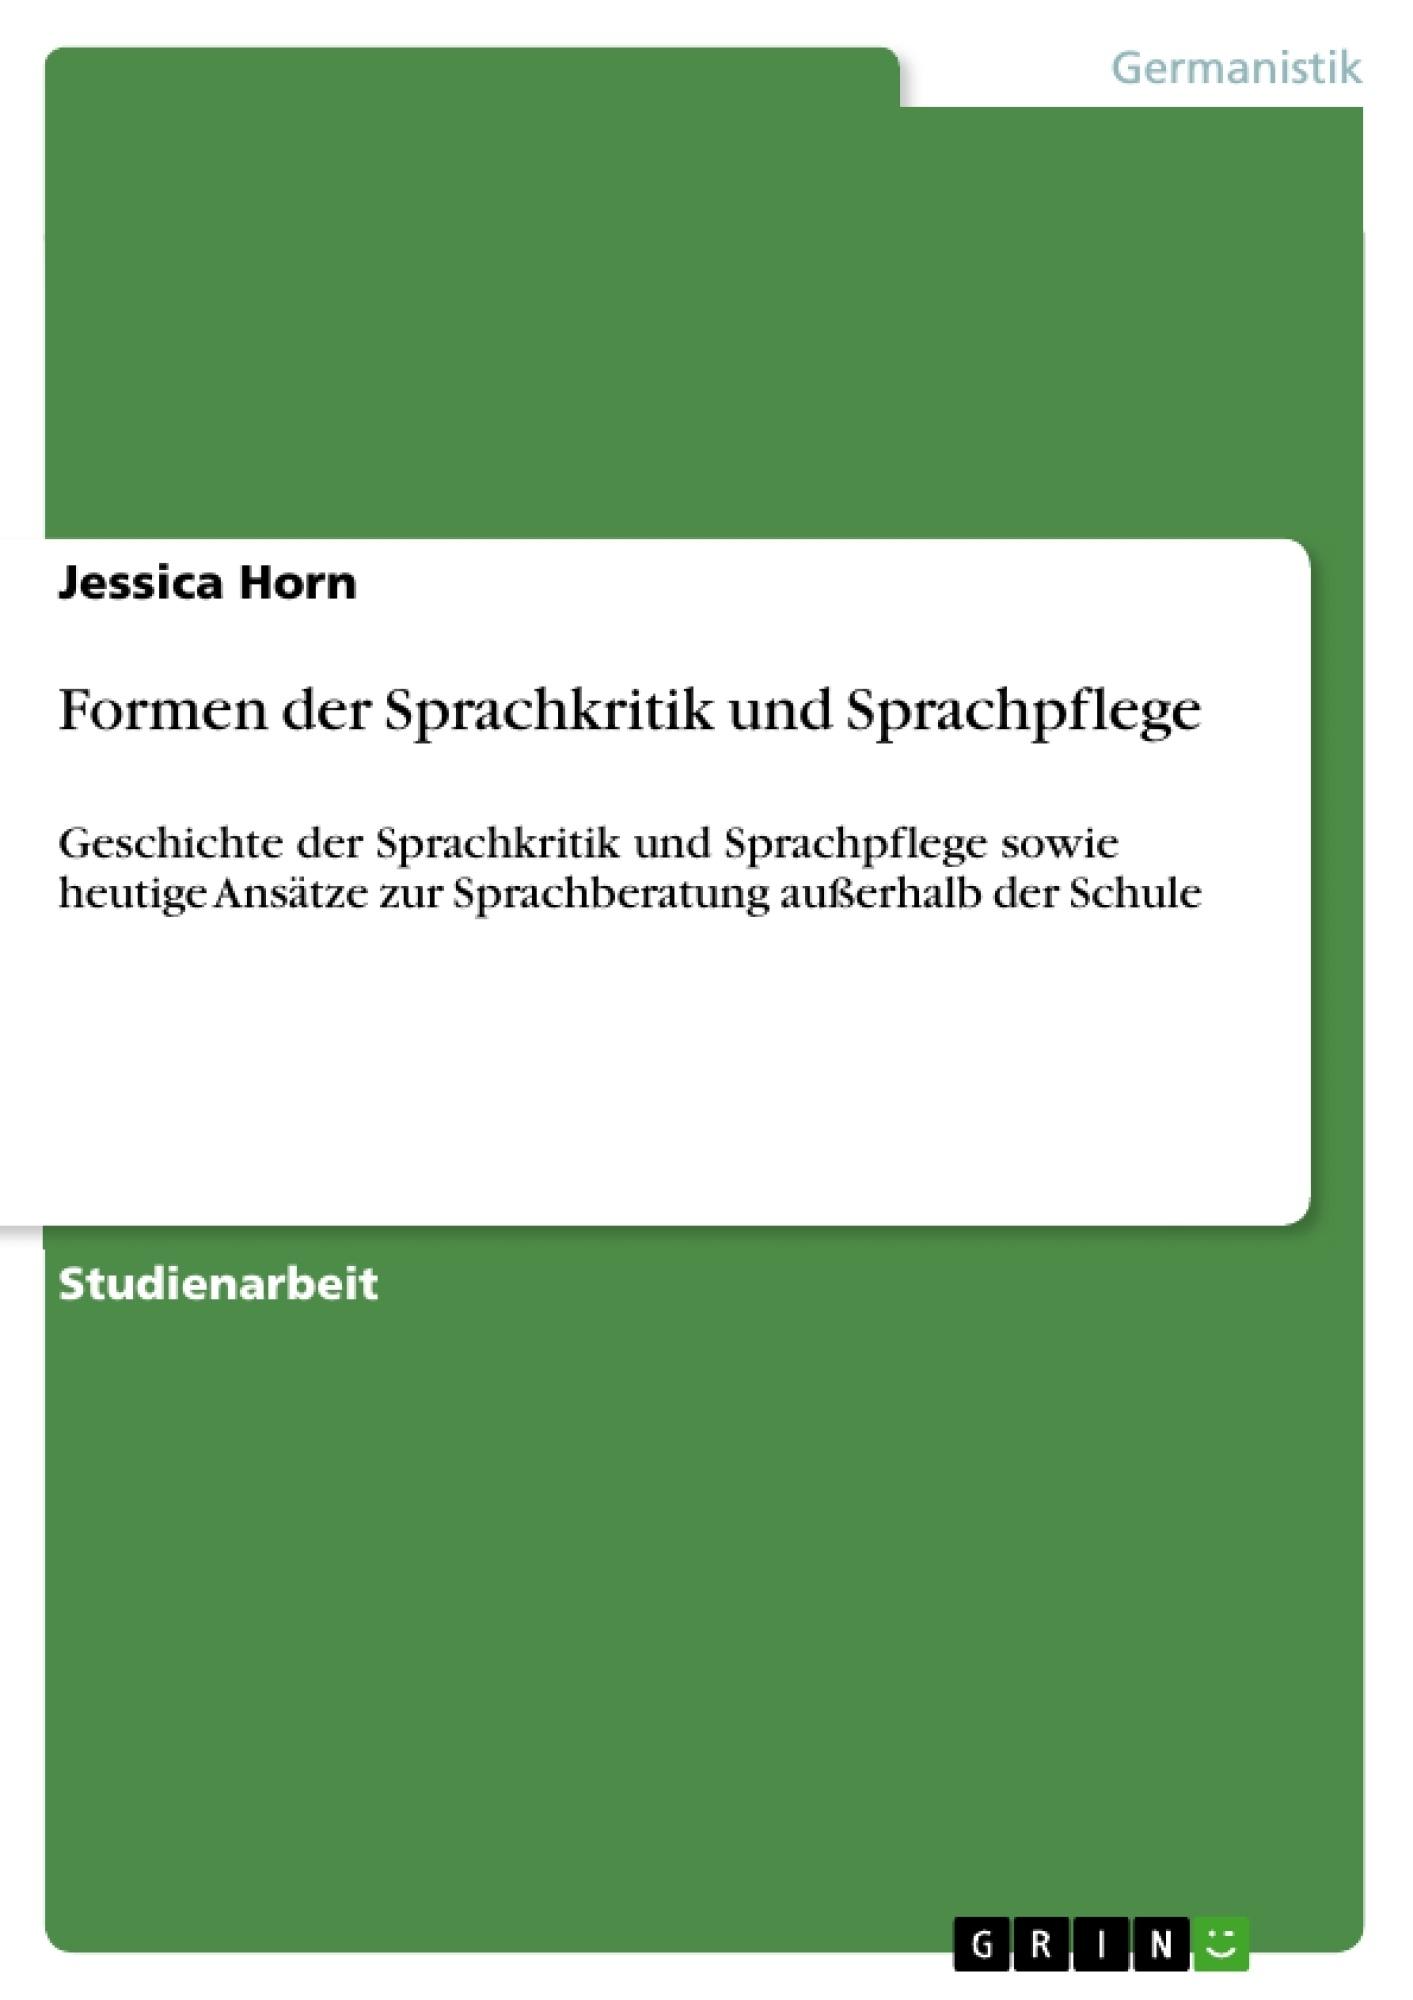 Titel: Formen der Sprachkritik und Sprachpflege